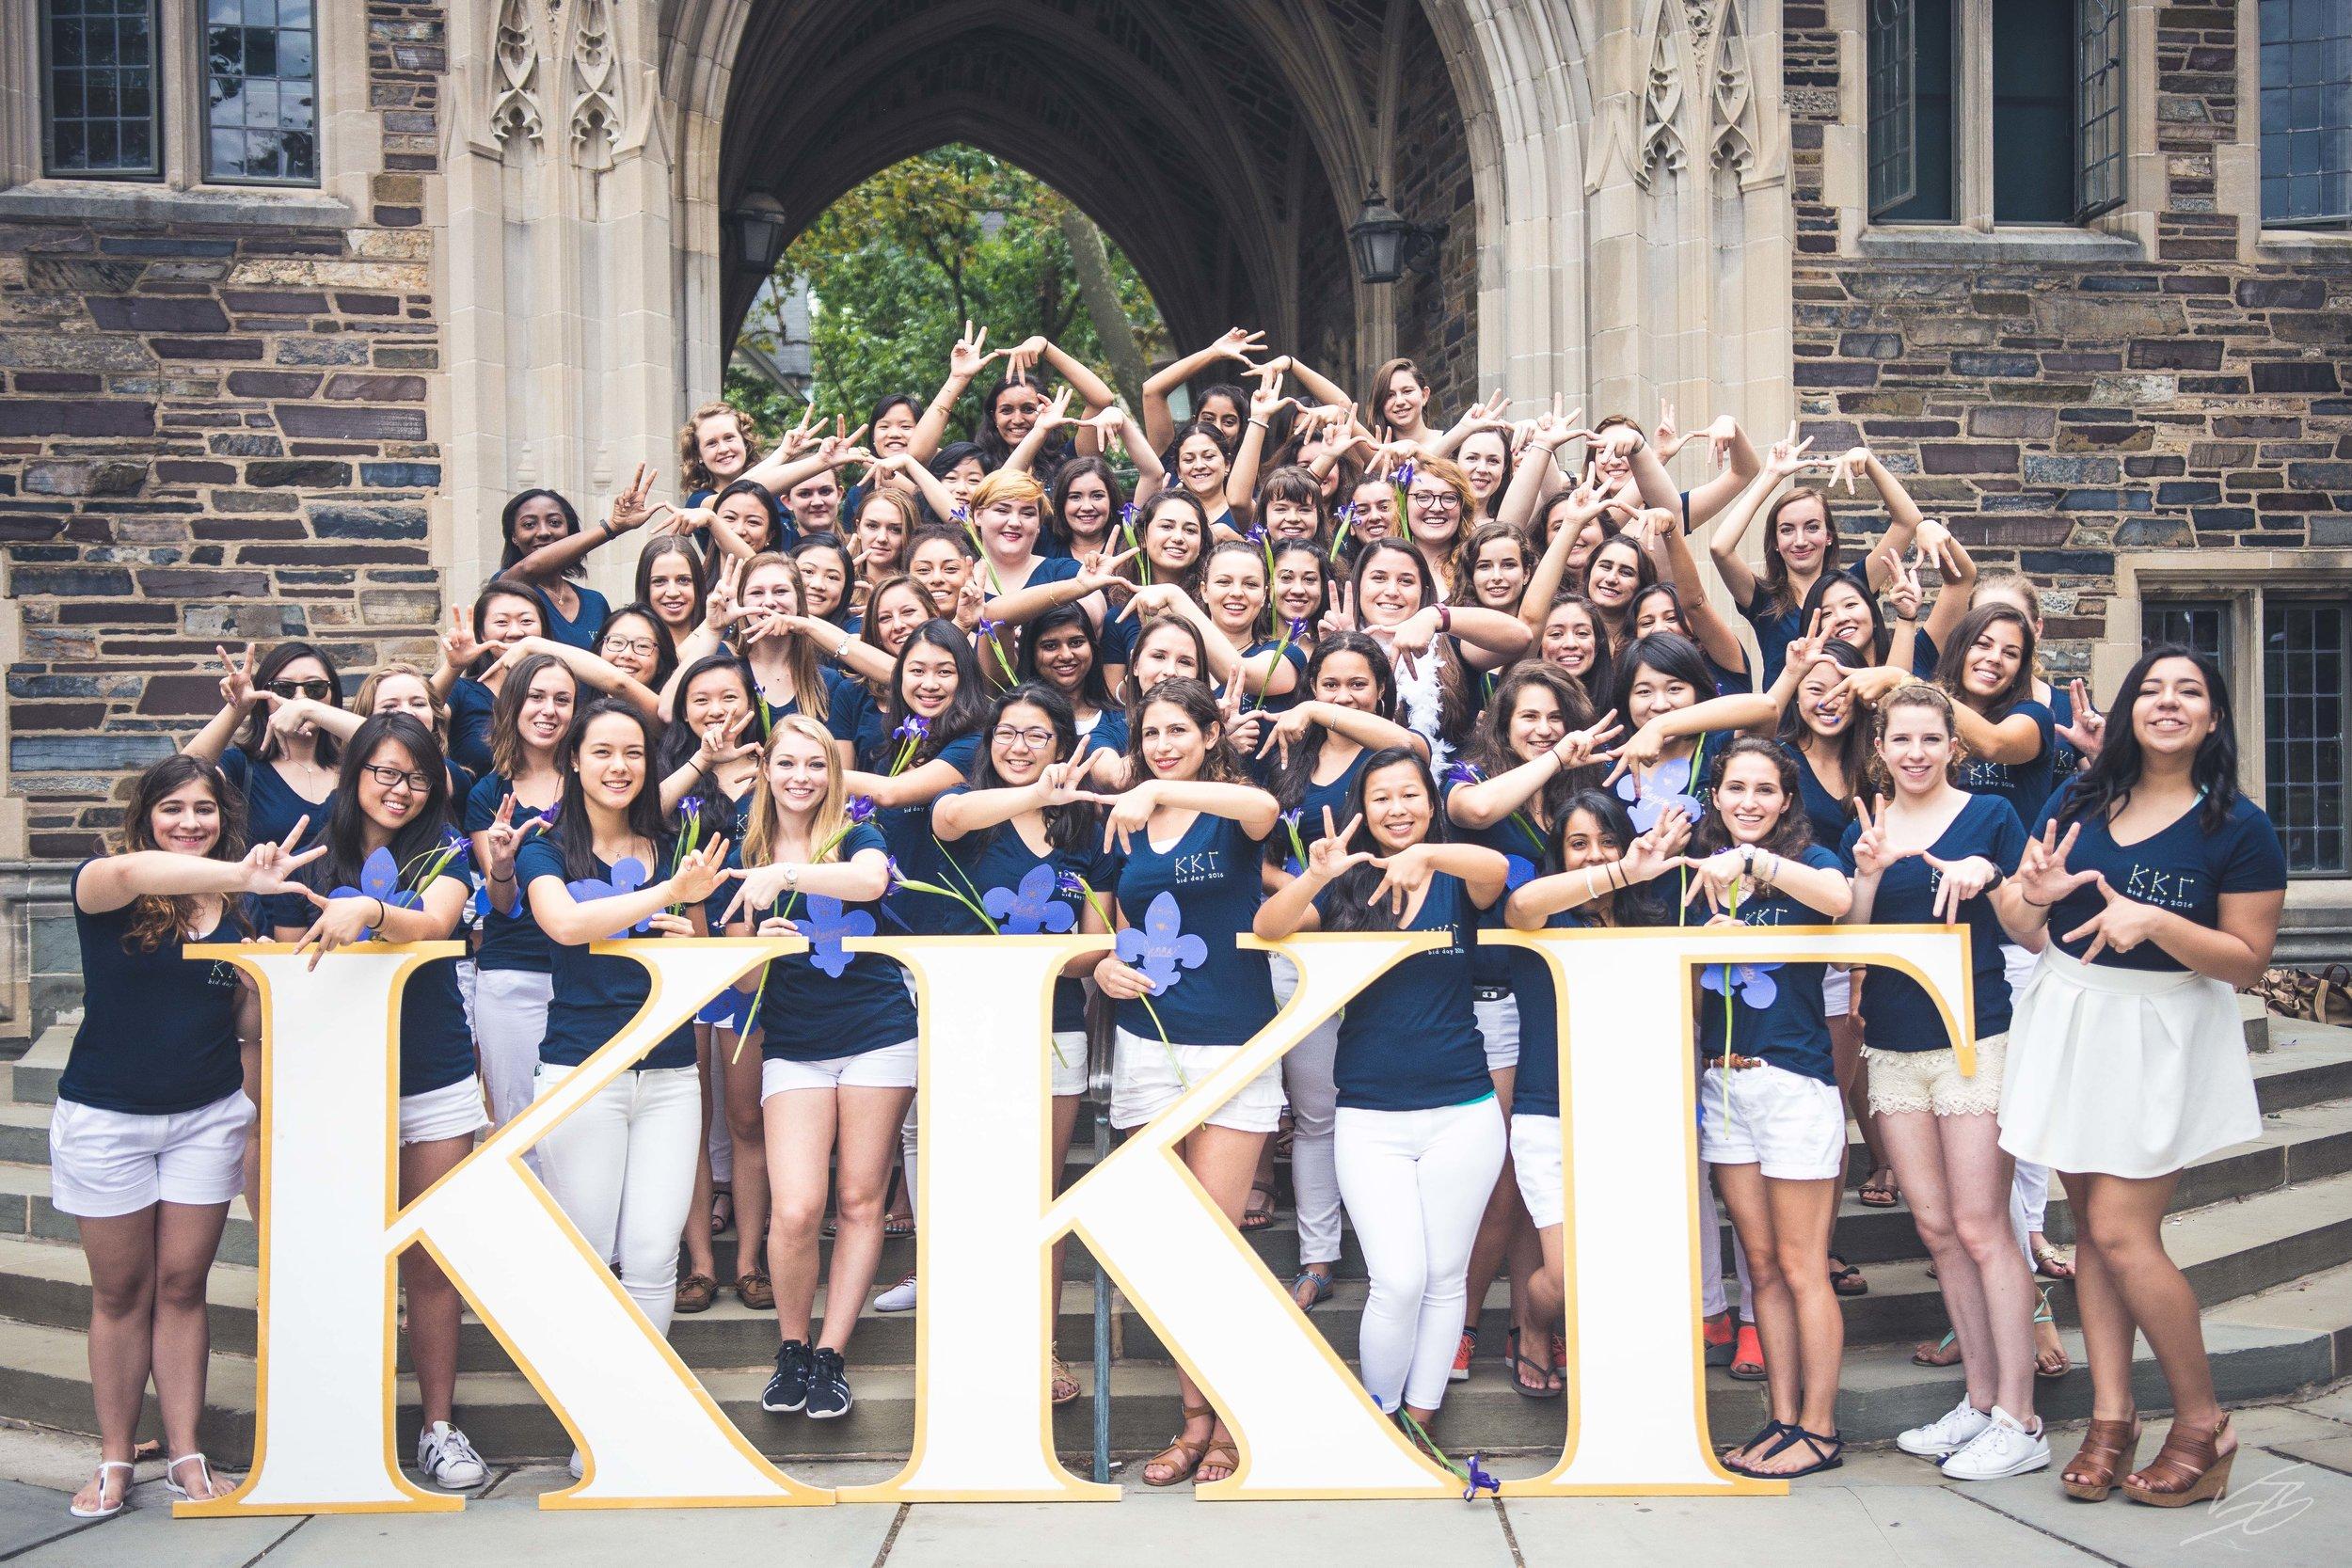 Kappa Kappa Gamma Bid Day 2016